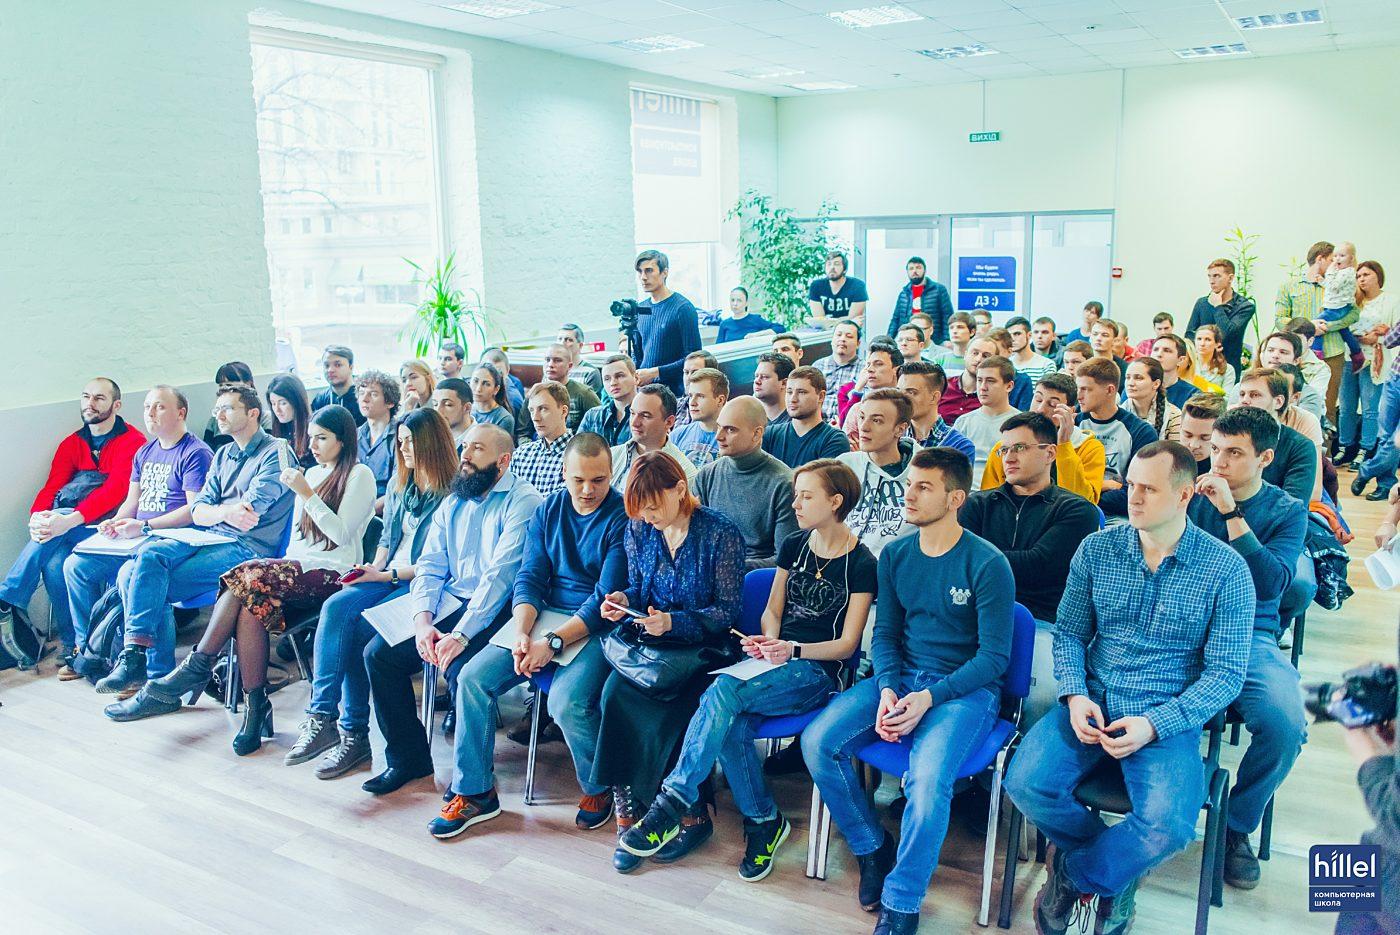 Мероприятия: «Хочу в IT. С чего начать». Открытая встреча в Компьютерной школе Hillel в Харькове